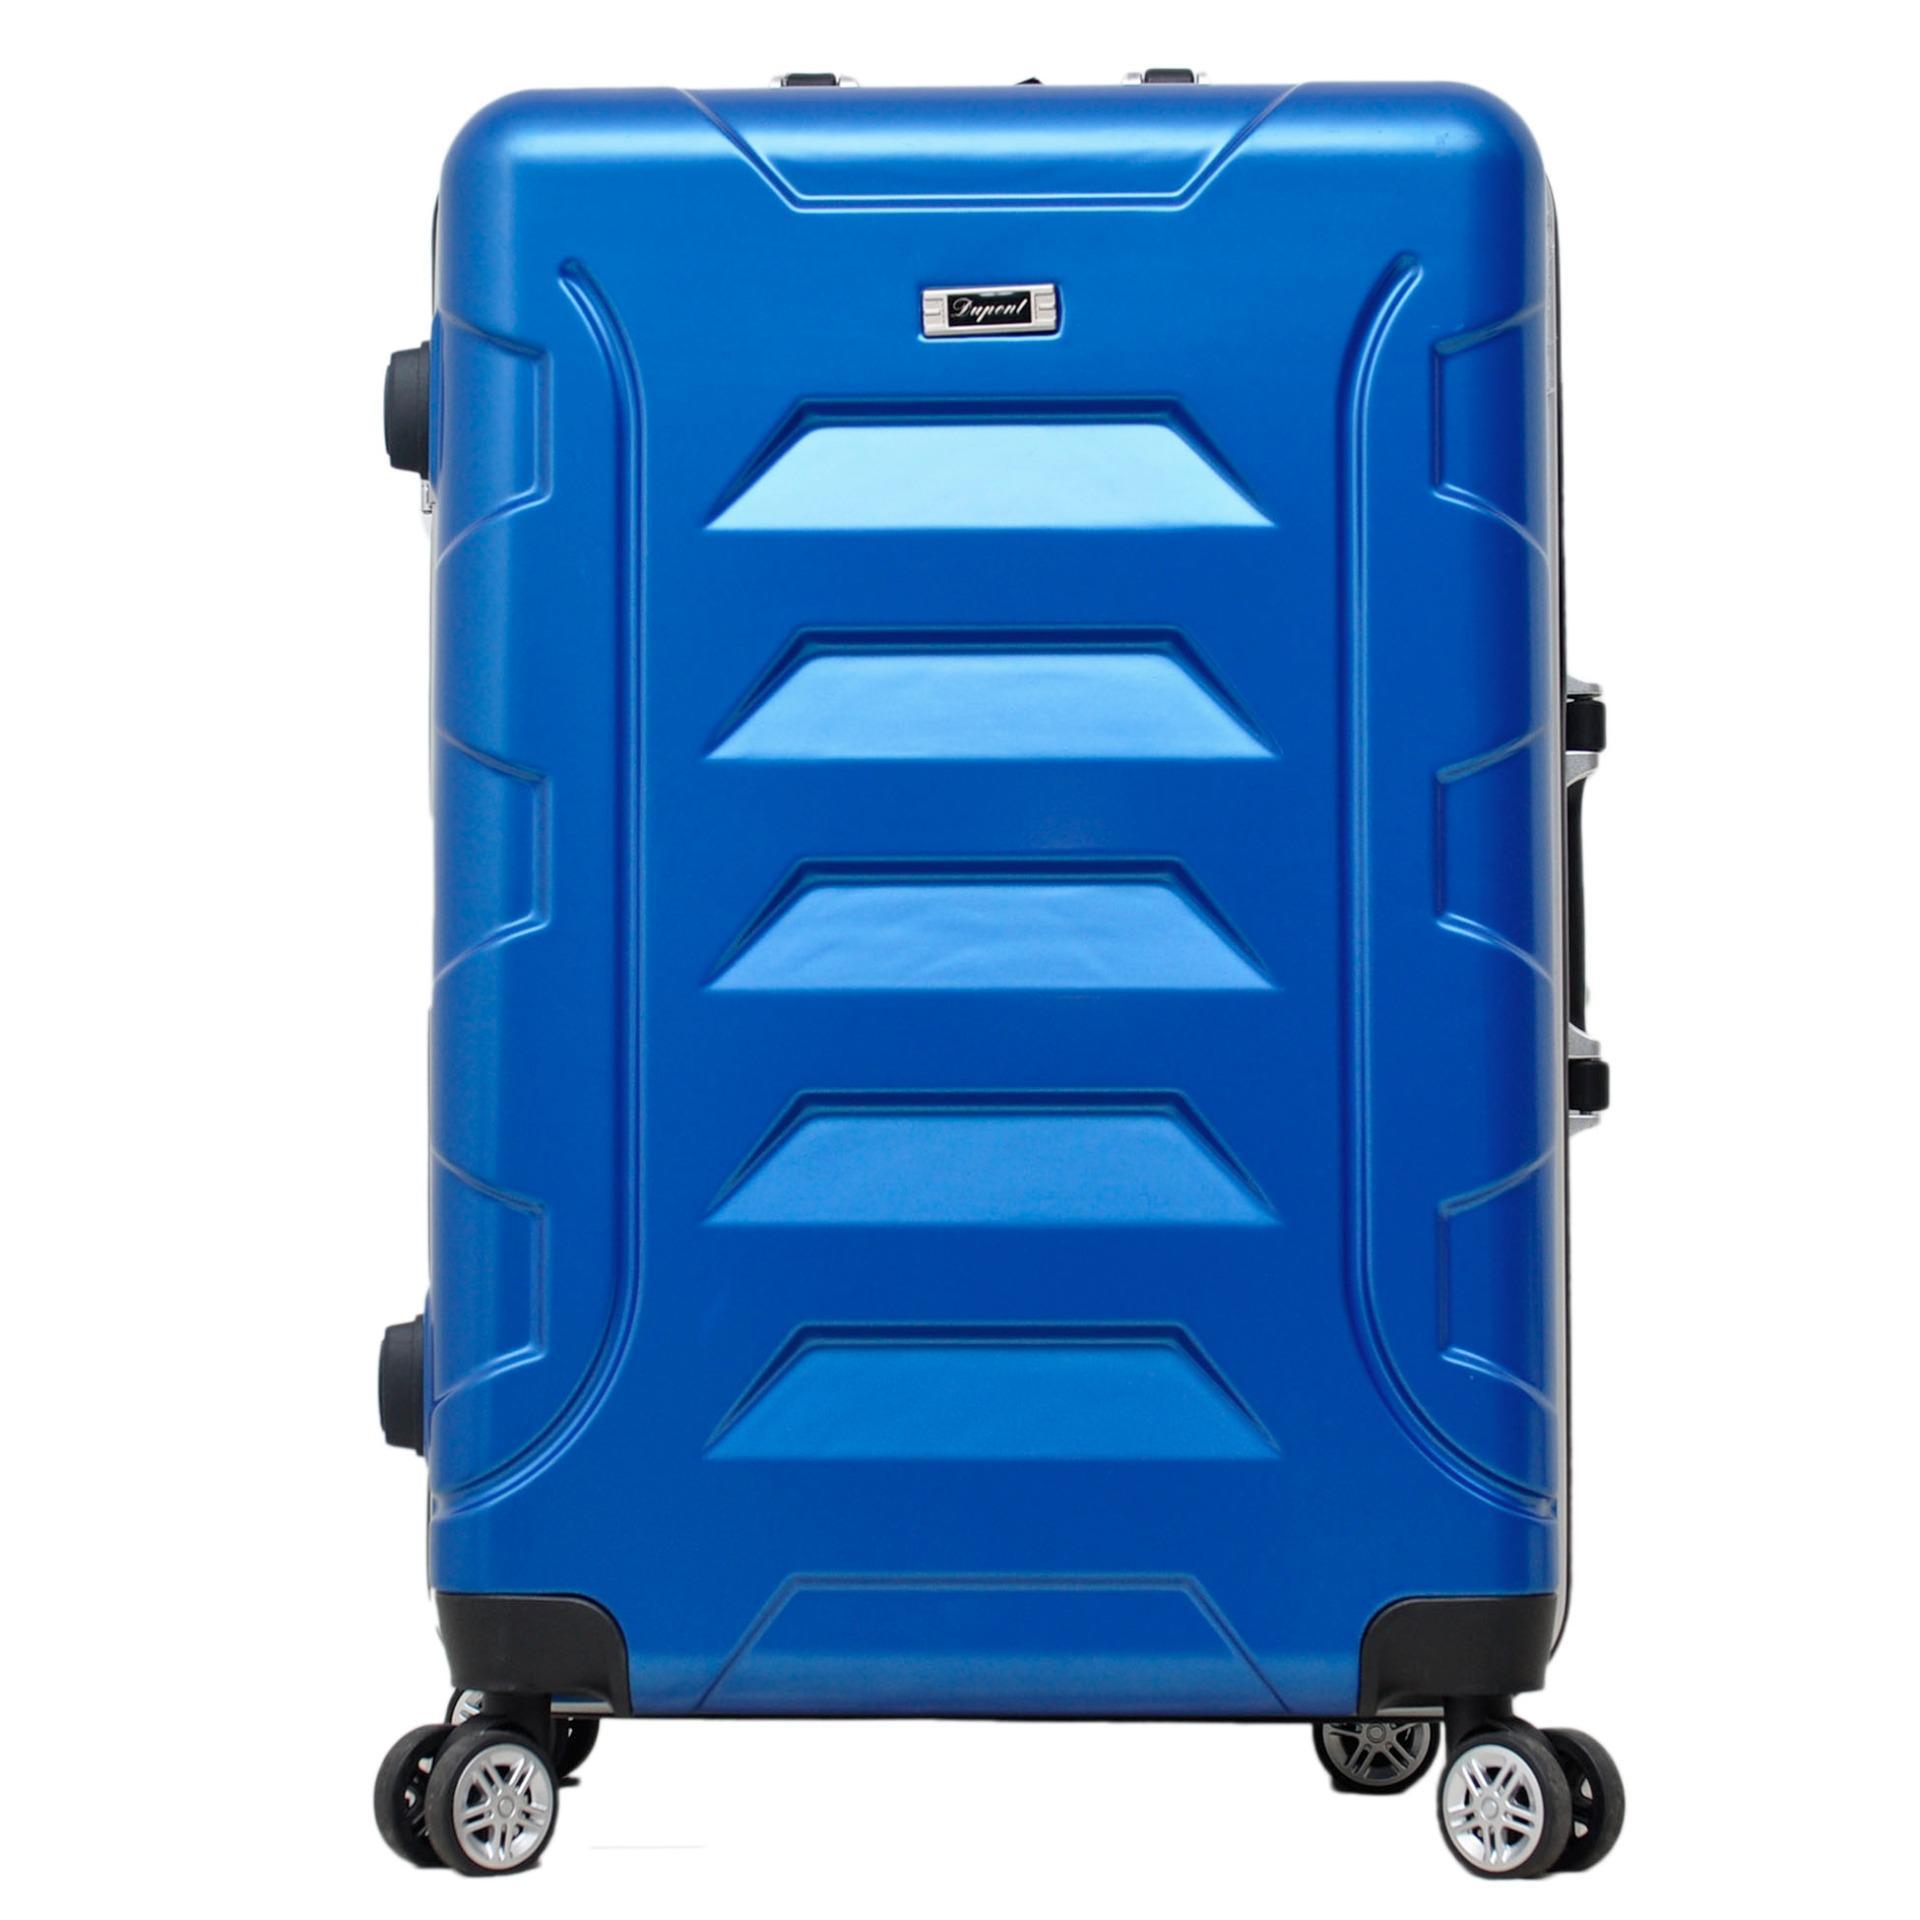 Dupont Koper Hardcase NO ZIPPER size 24 inch - 8771 - Biru